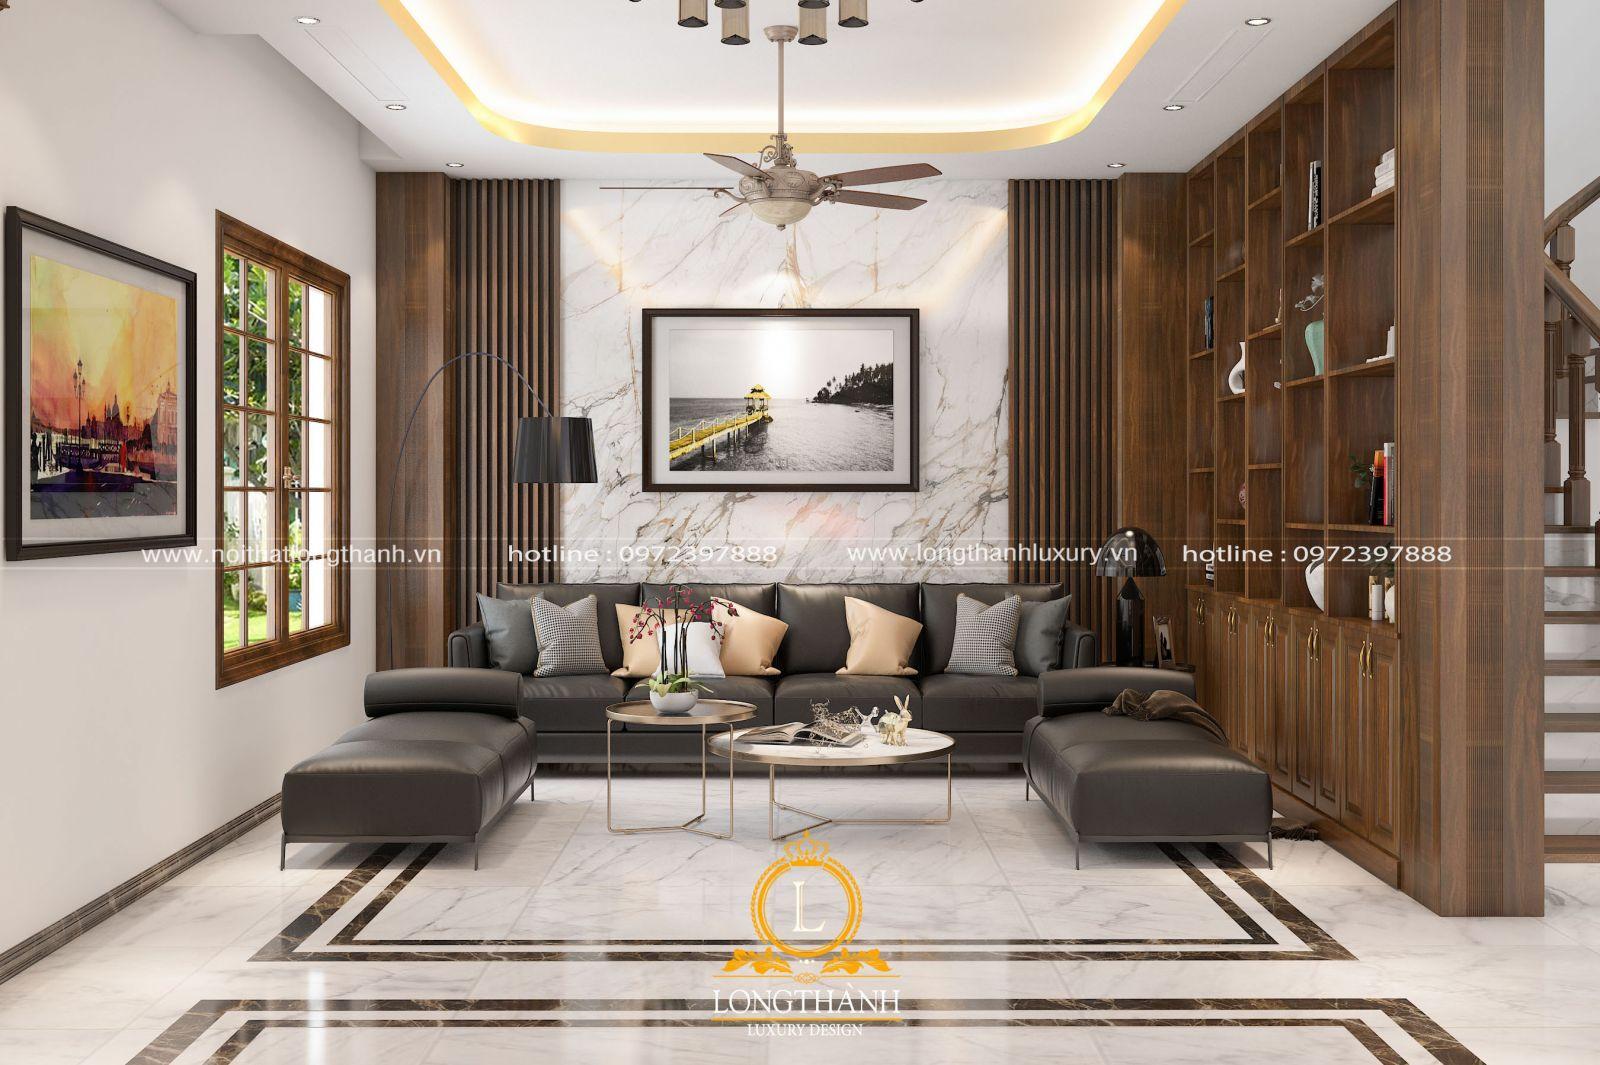 Thiết kế nội thất phòng khách nhà phố theo phong cách hiện đại đơn giản